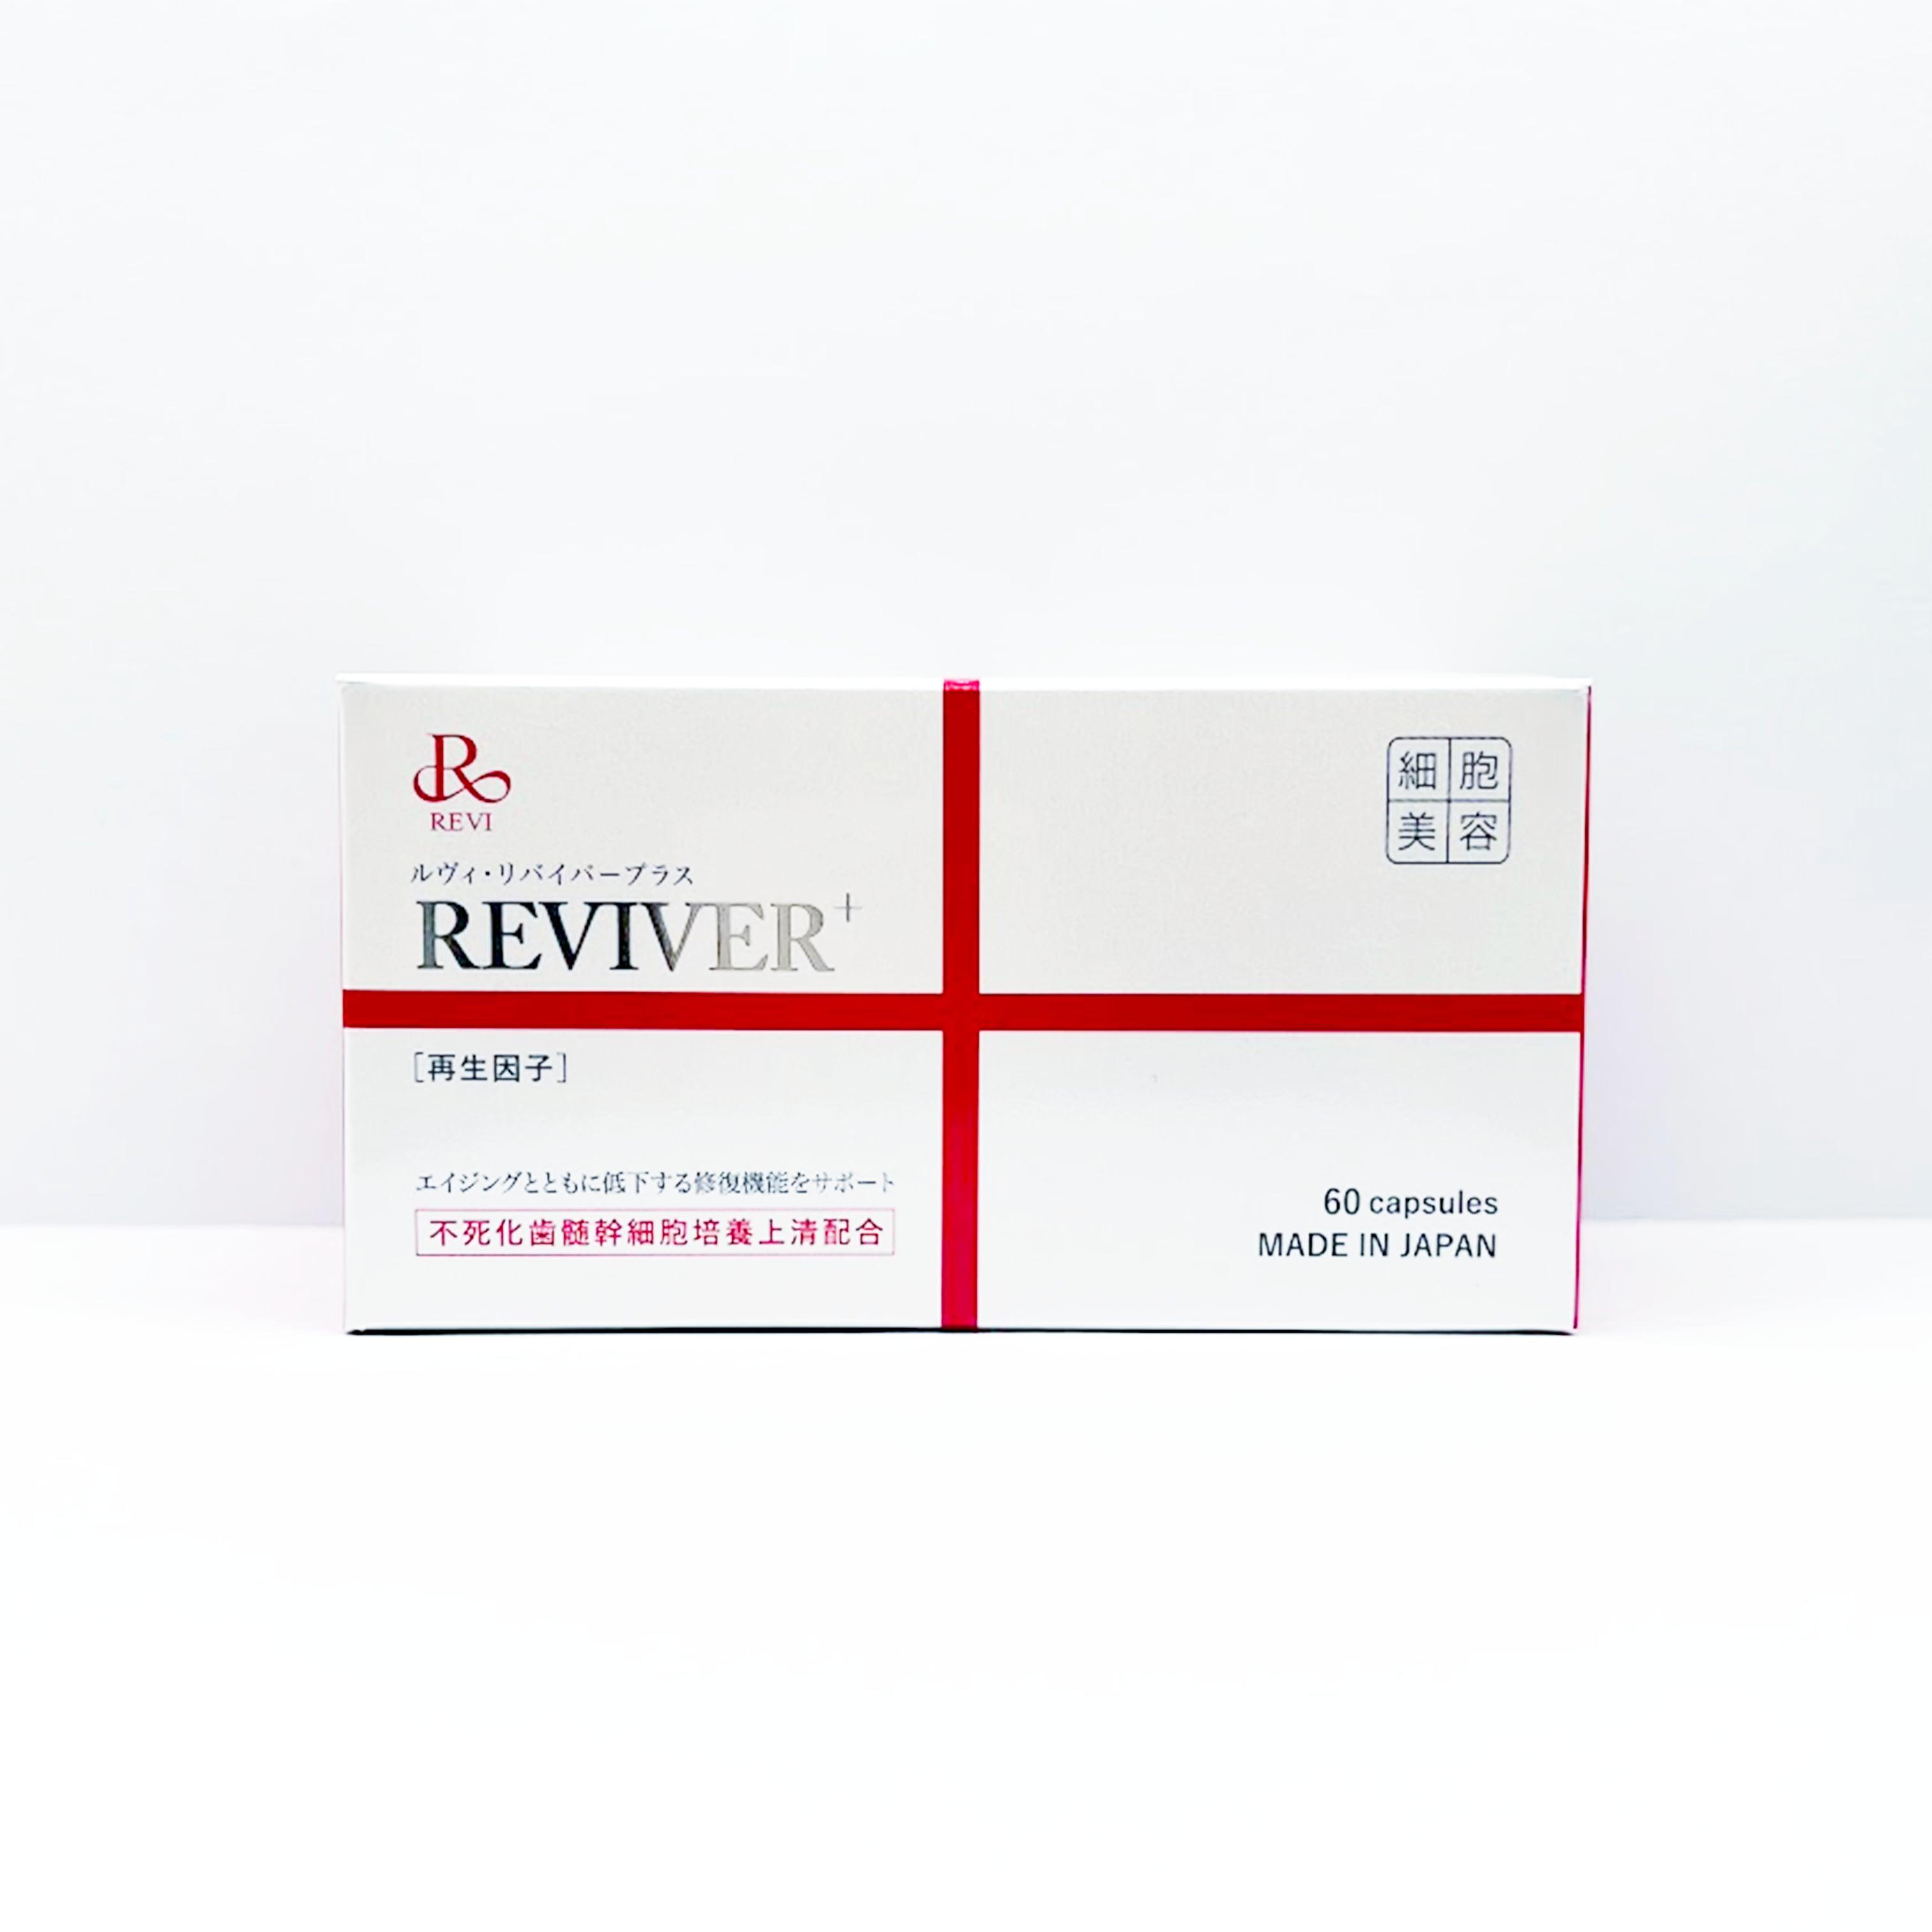 REVI リヴァイバープラス(60粒入り)